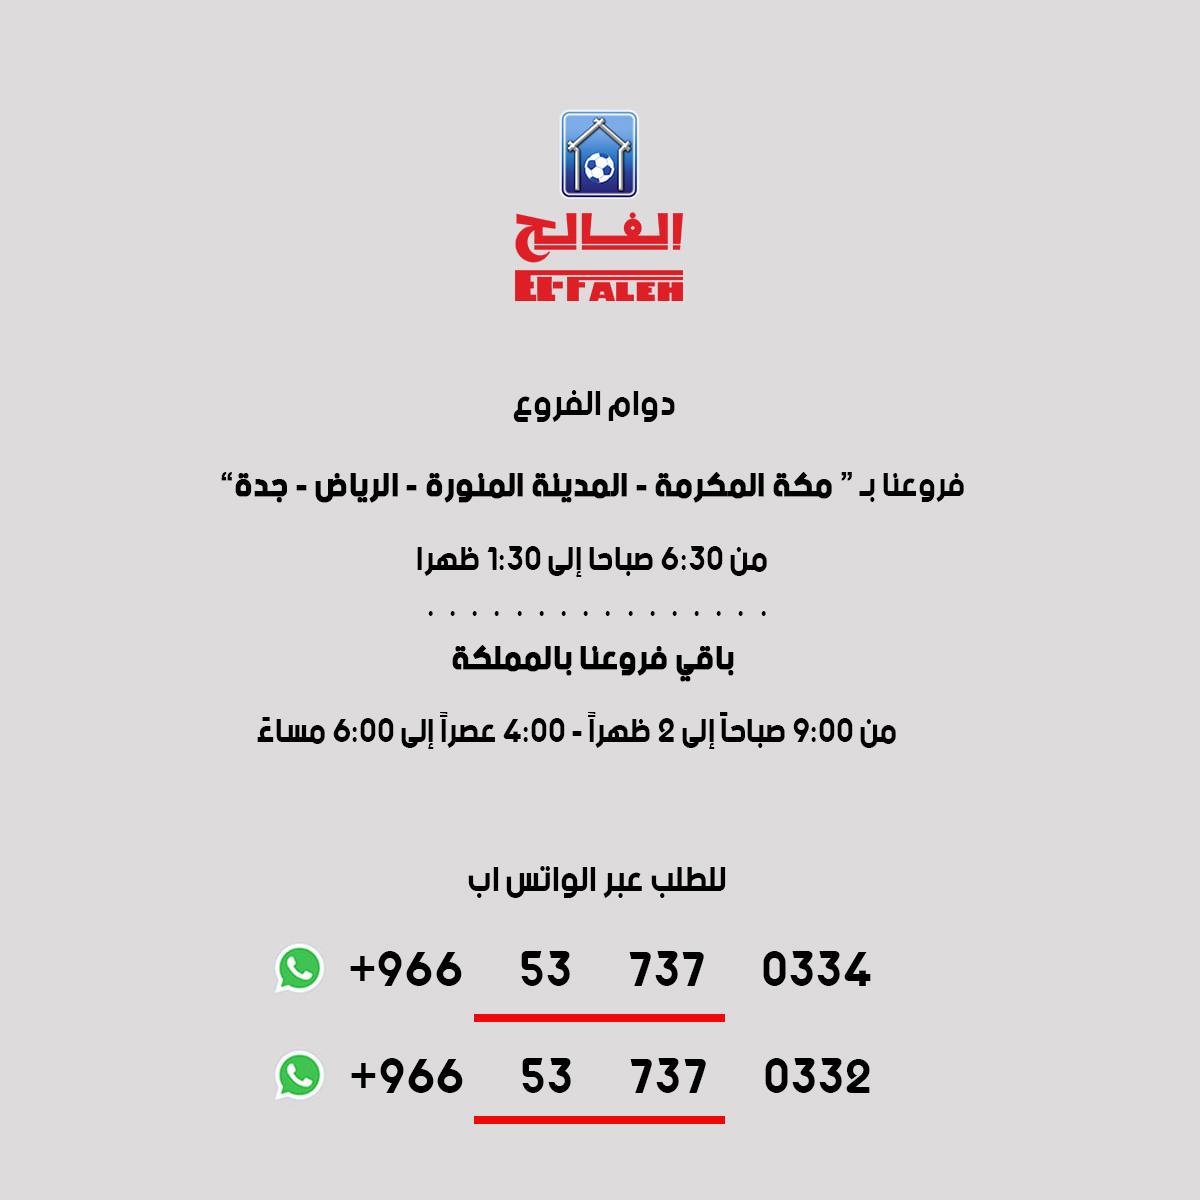 بيت الرياضة الفالح On Twitter تزامنا مع إجراءات حظر التجول التي تهدف إلى الوقاية من كورونا أوقات العمل الجديدة في بيت الرياضة الفالح